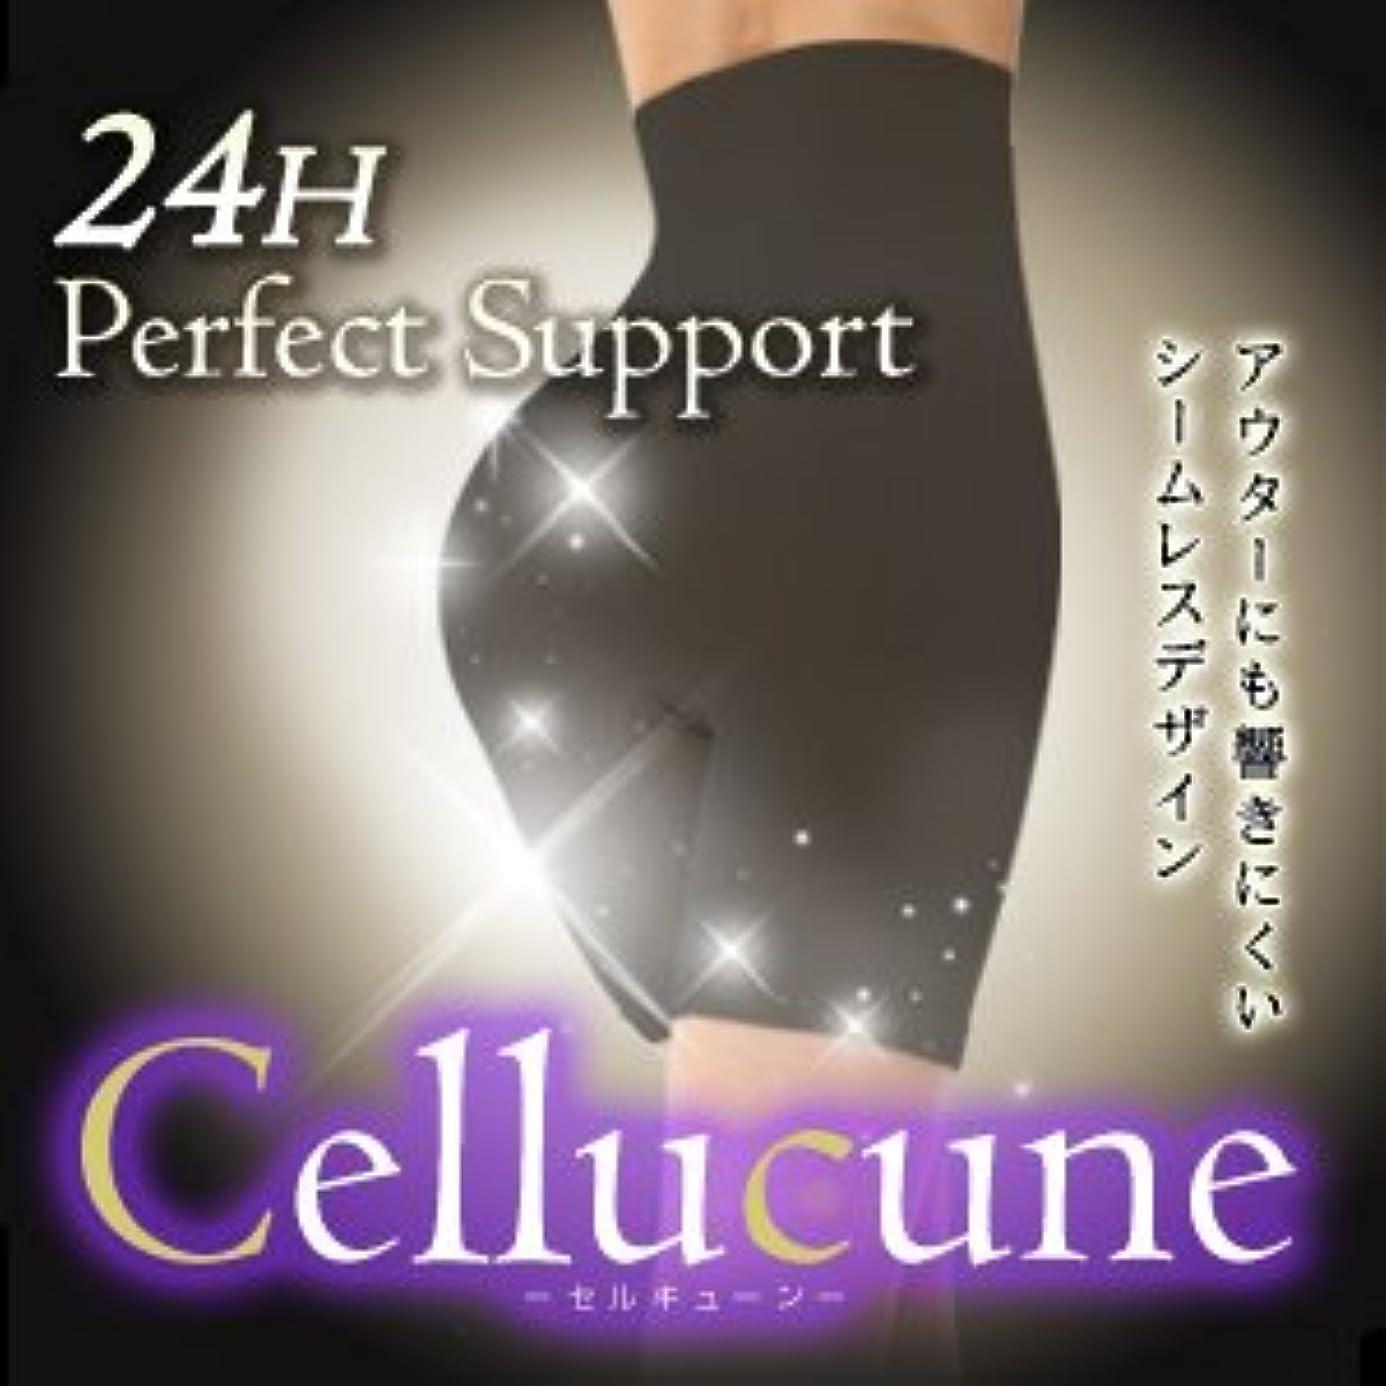 のホストピーブ手足【M-L】セルキューン -Cellucune- 痩身特化骨盤補正ショーツ